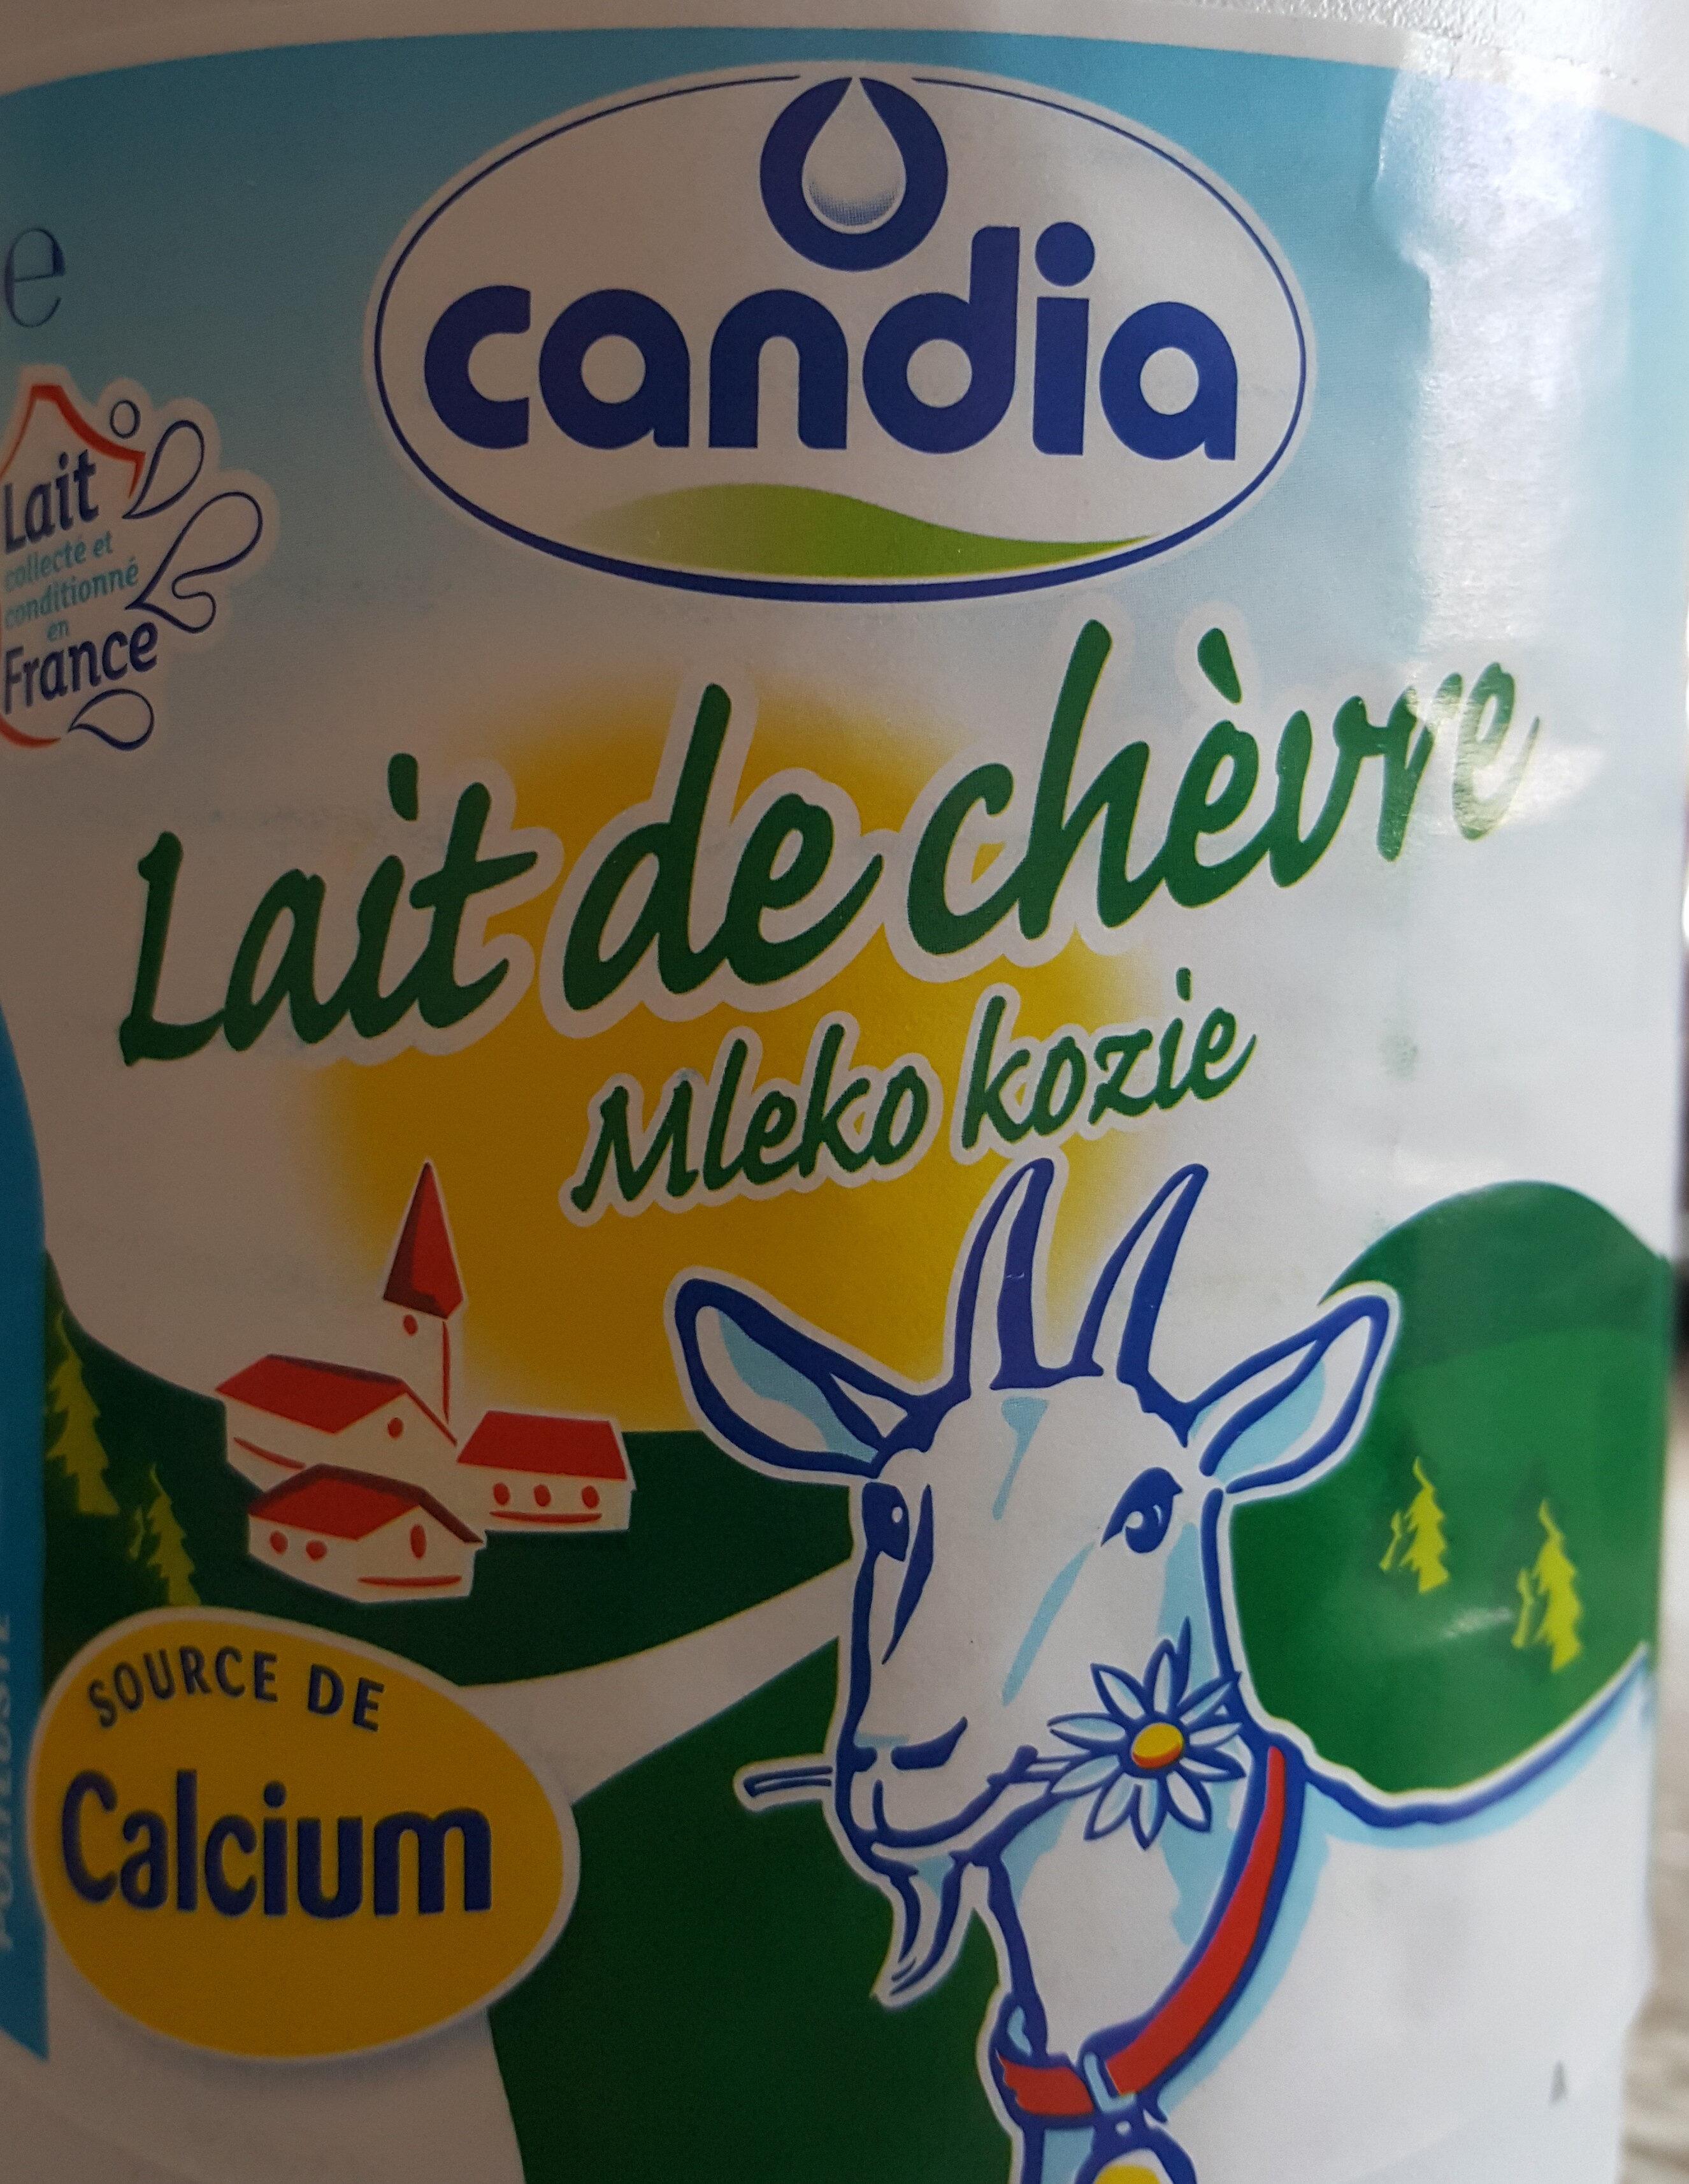 Lait de chèvre - Product - fr